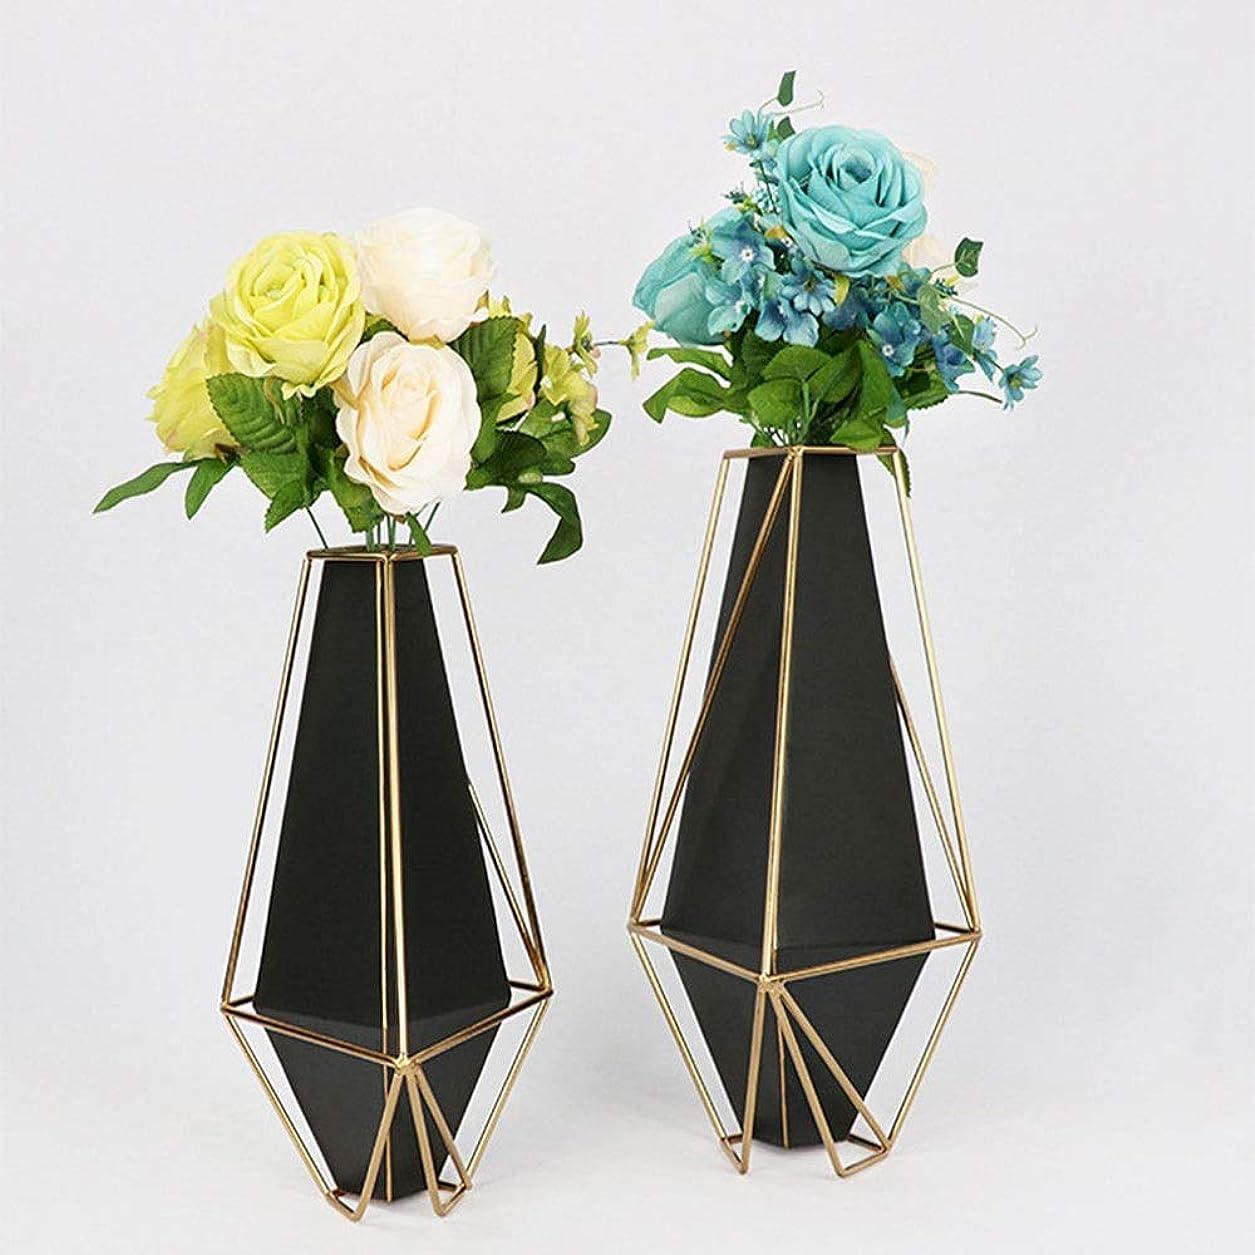 端末焦げ消化アート クリエイティブ金属花瓶補間ホテルのベッドルームには鉄のテーブルの花瓶スタイリッシュなミニマリスト北欧ホーム家具鍛造窓辺(:20 * 34cmの、L:小25 * 39センチメートル) 飾る